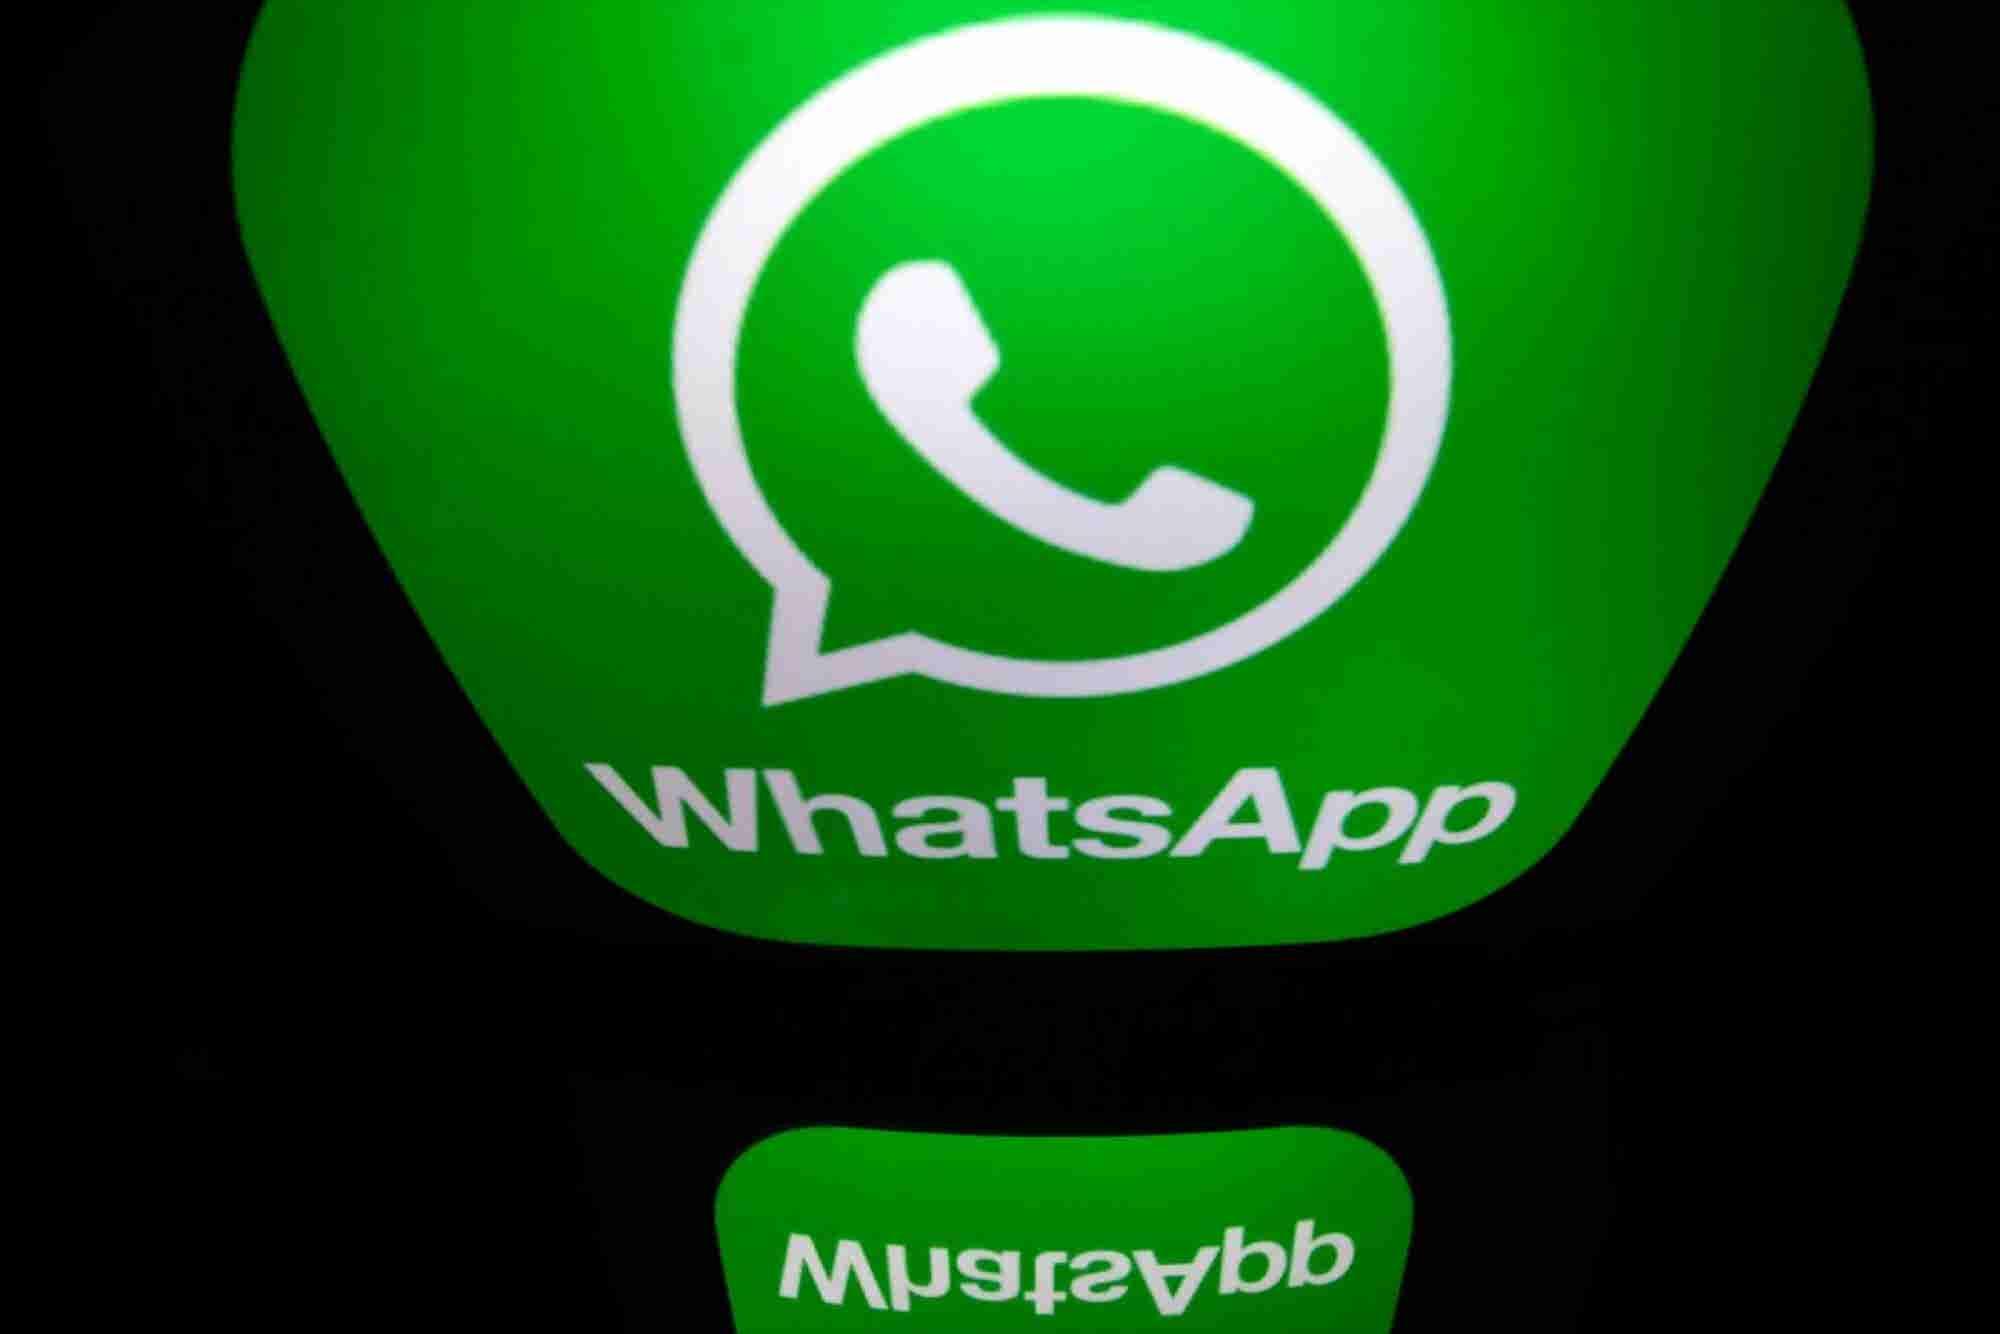 WhatsApp Launches WhatsApp Business